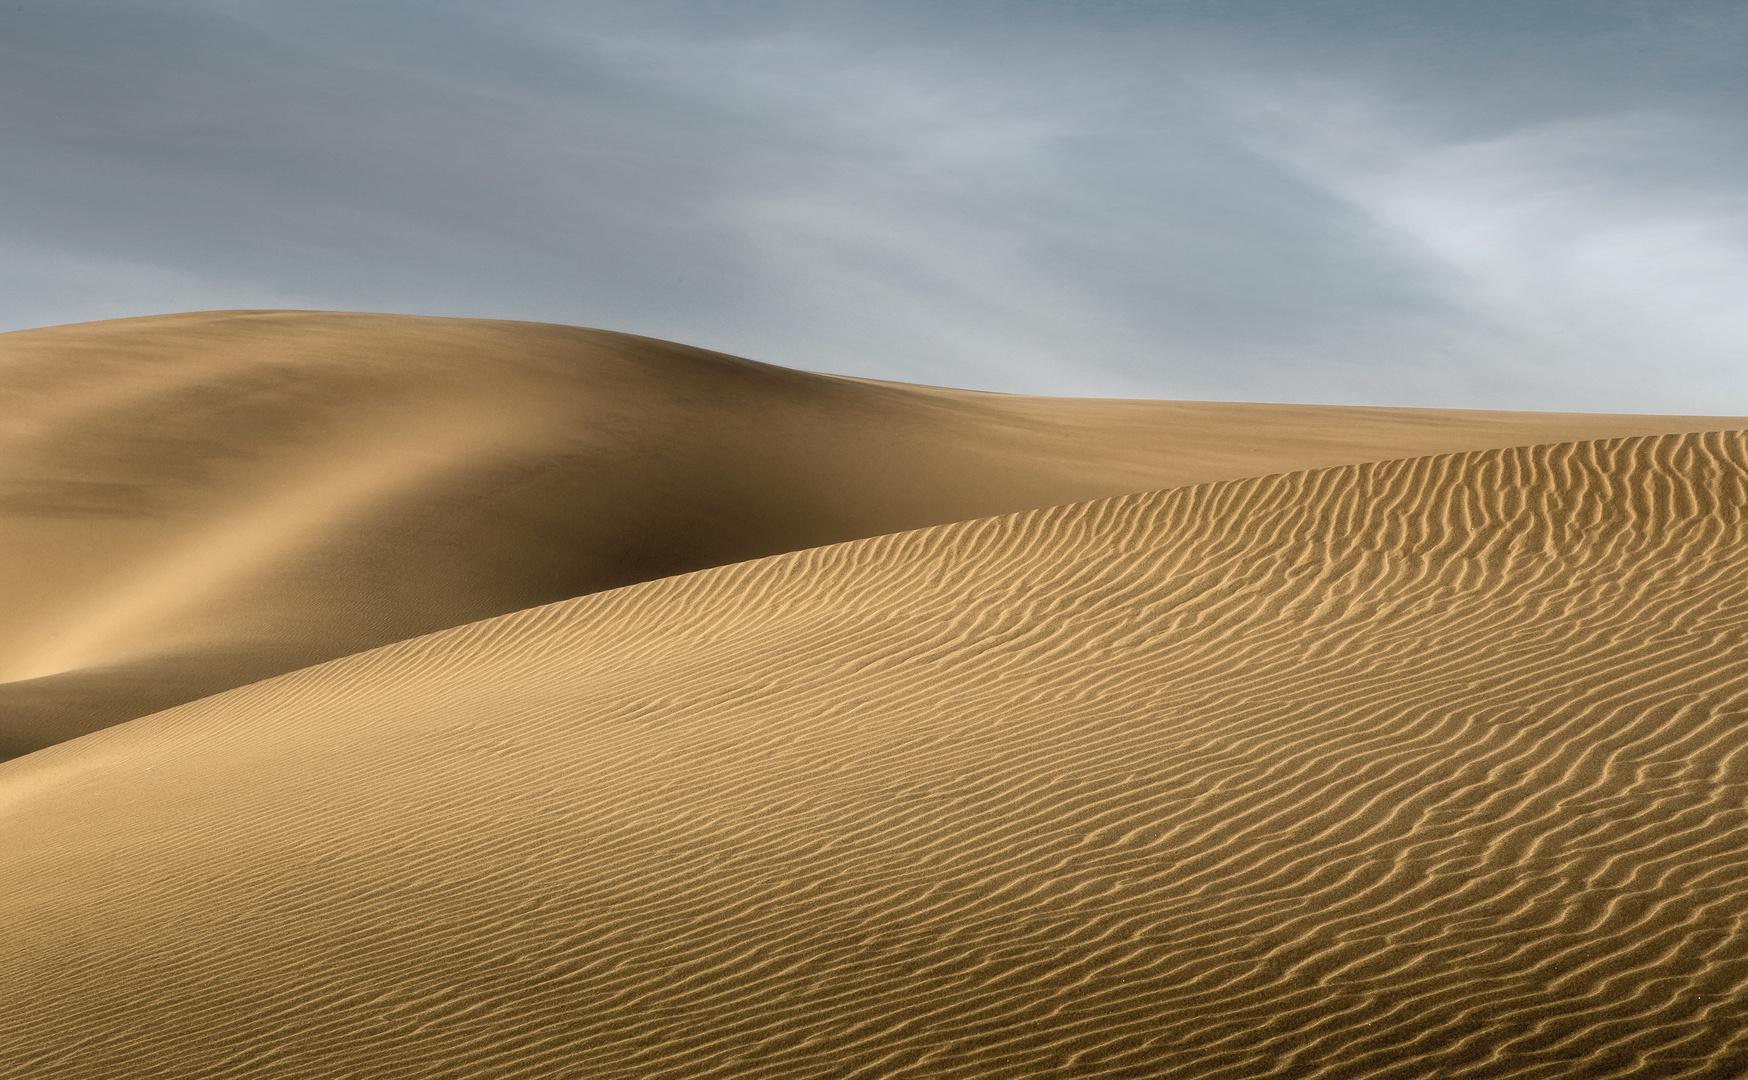 Dunescape Swakopmund